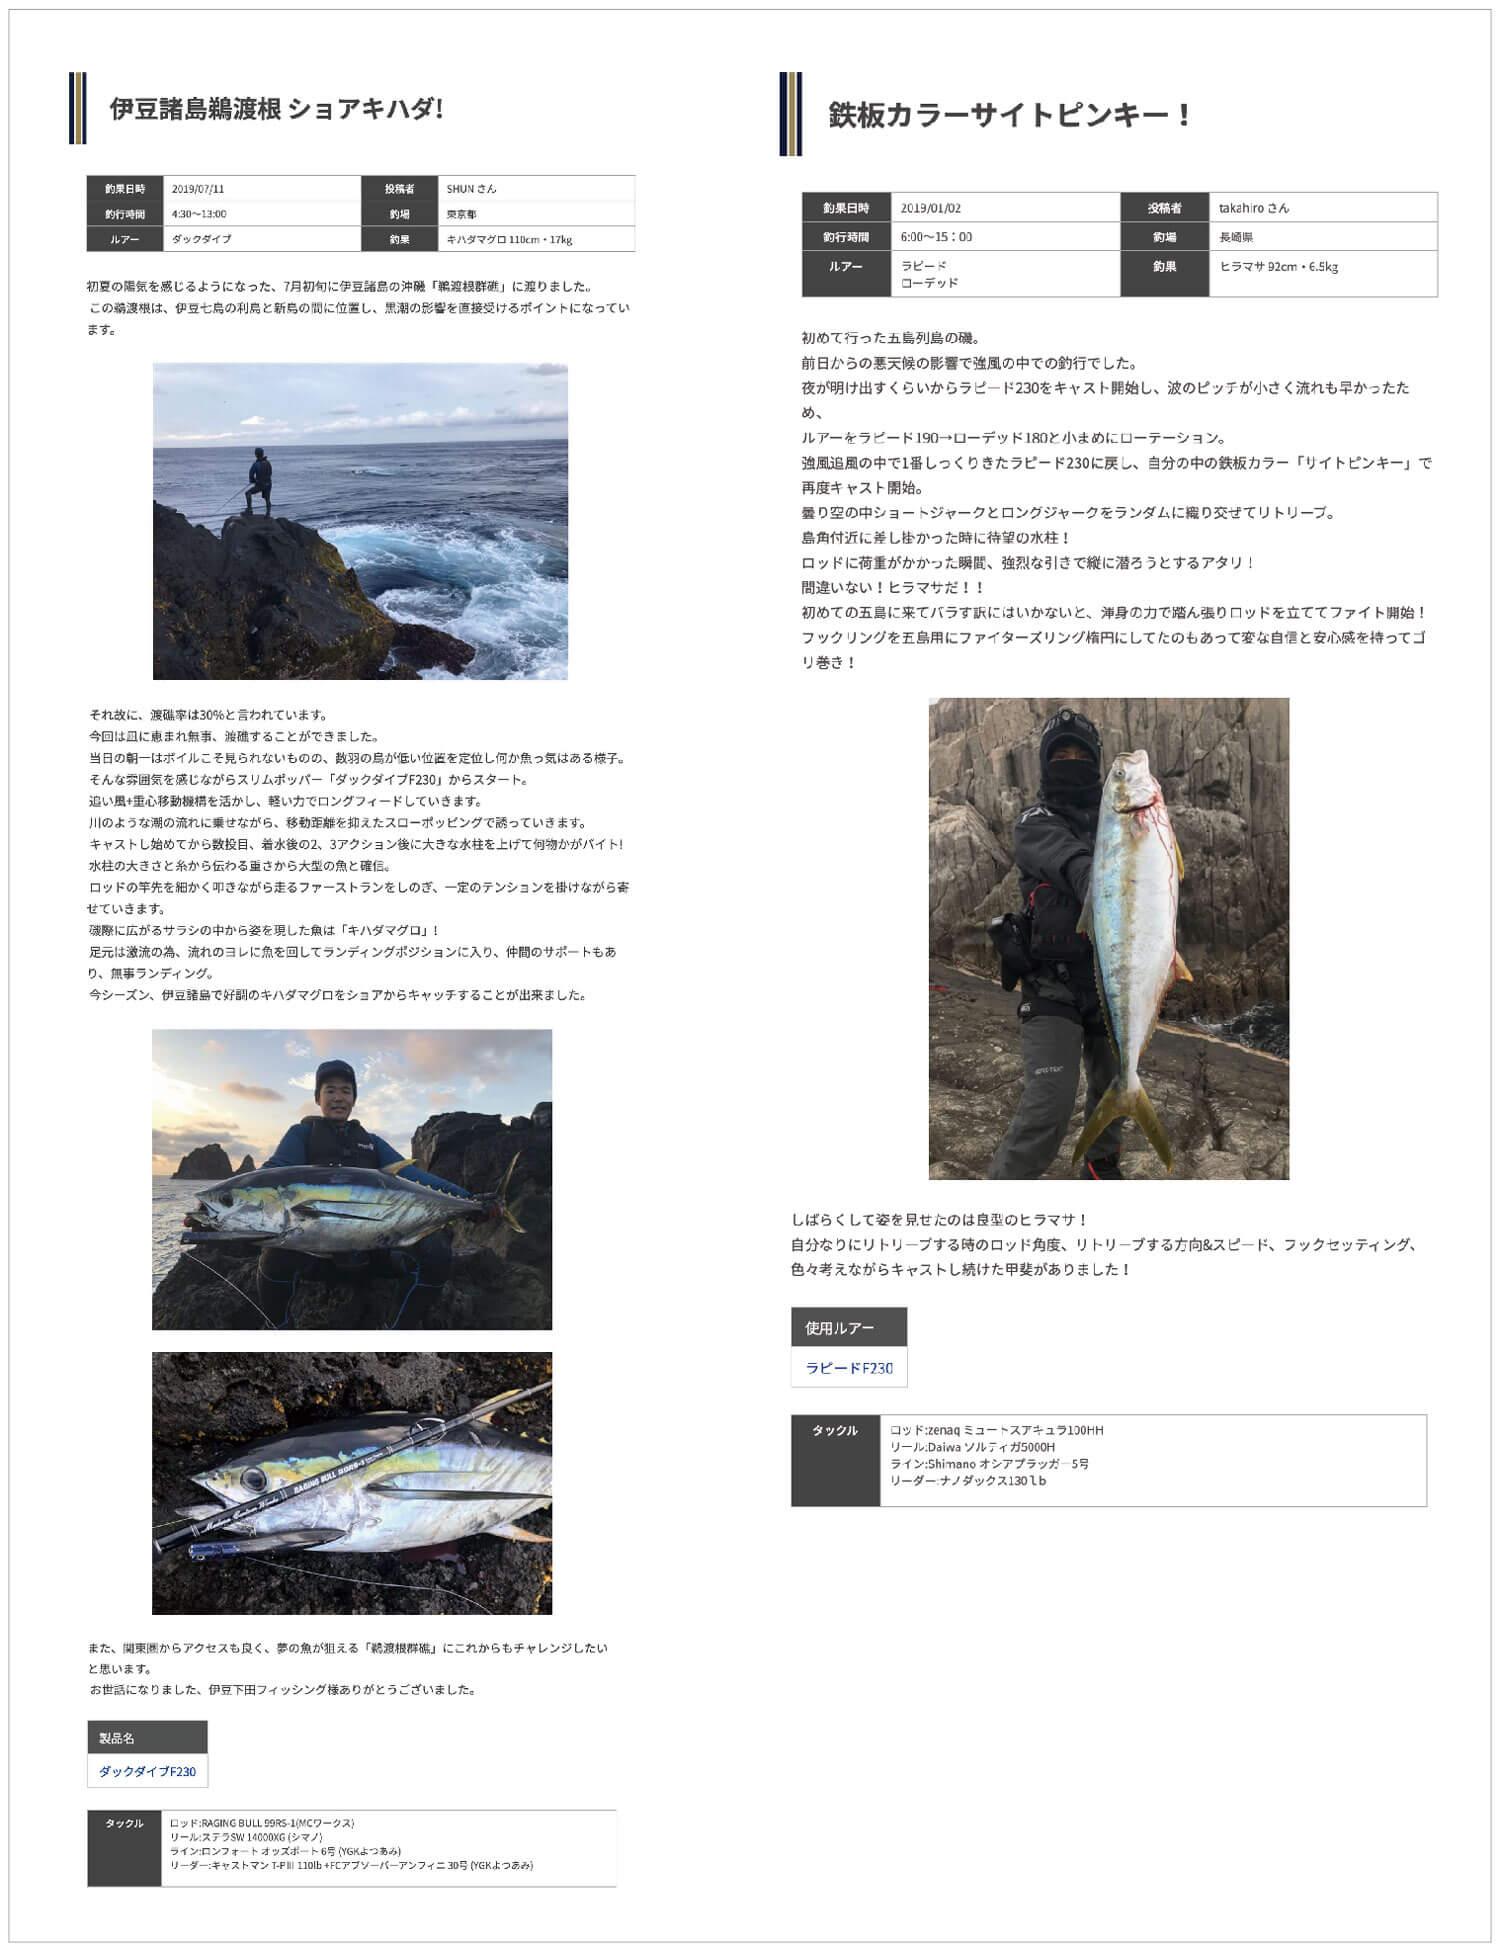 Maria ユーザーレポート 釣果情報4